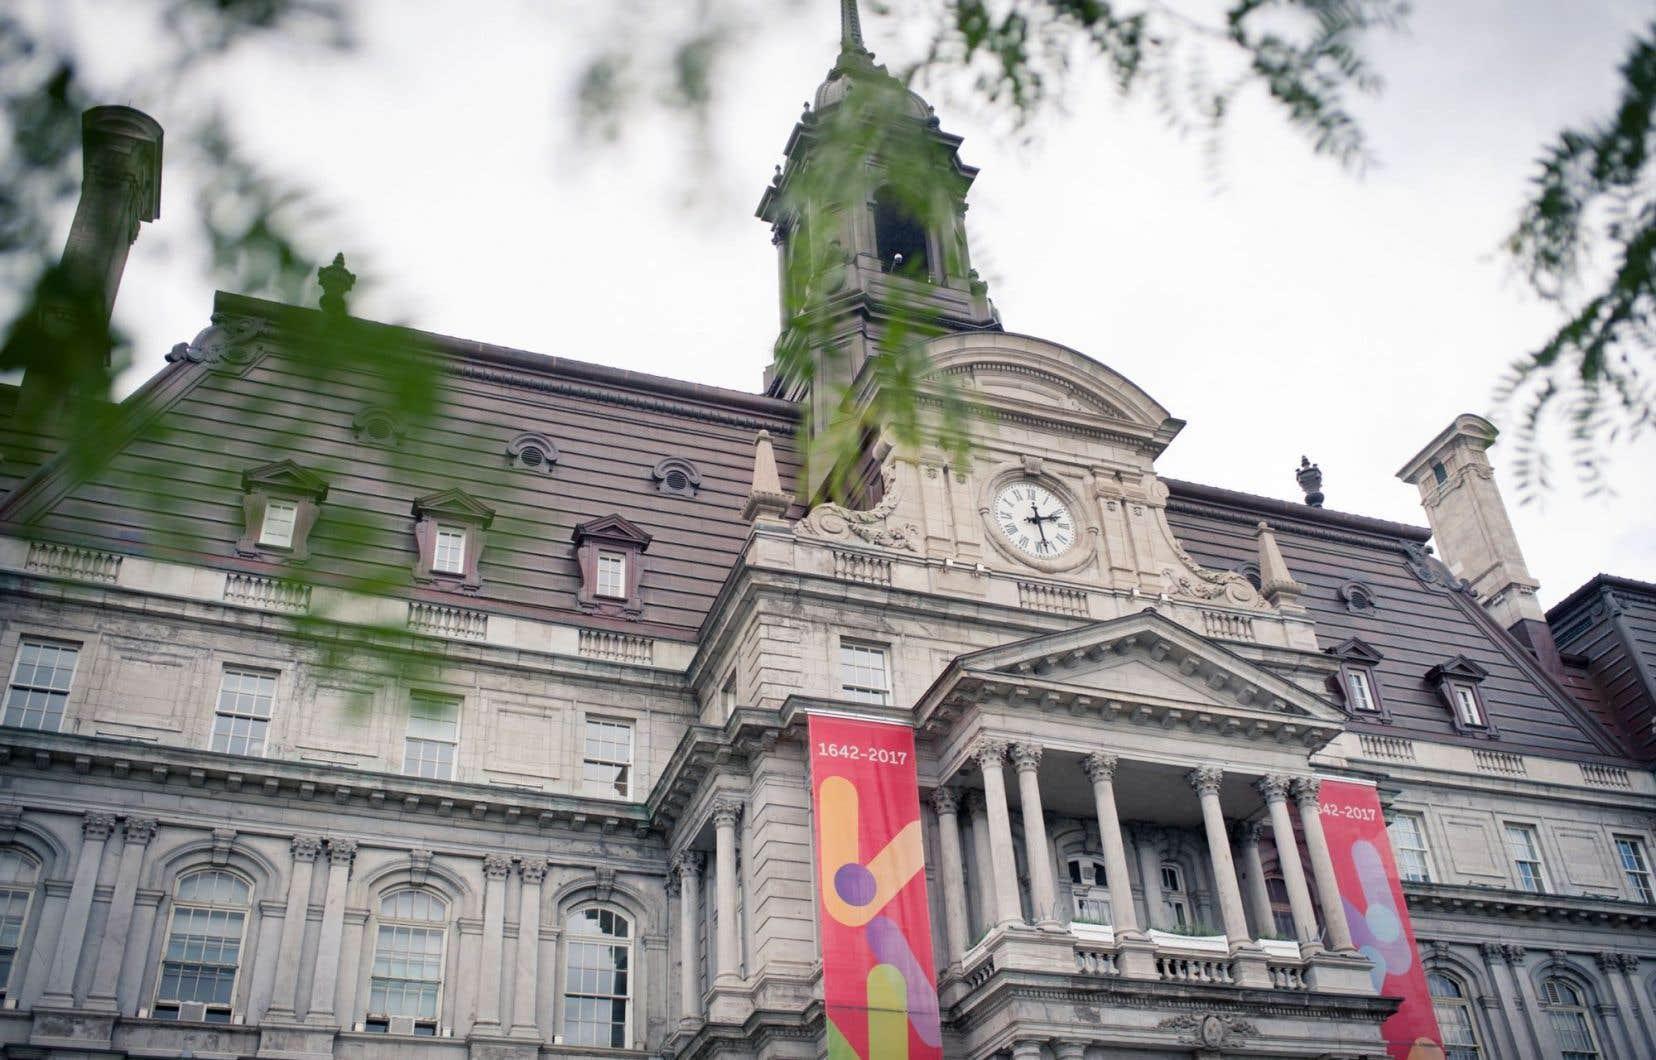 En raison des travaux, le bâtiment devra être fermé pendant deux ans à partir de 2019.